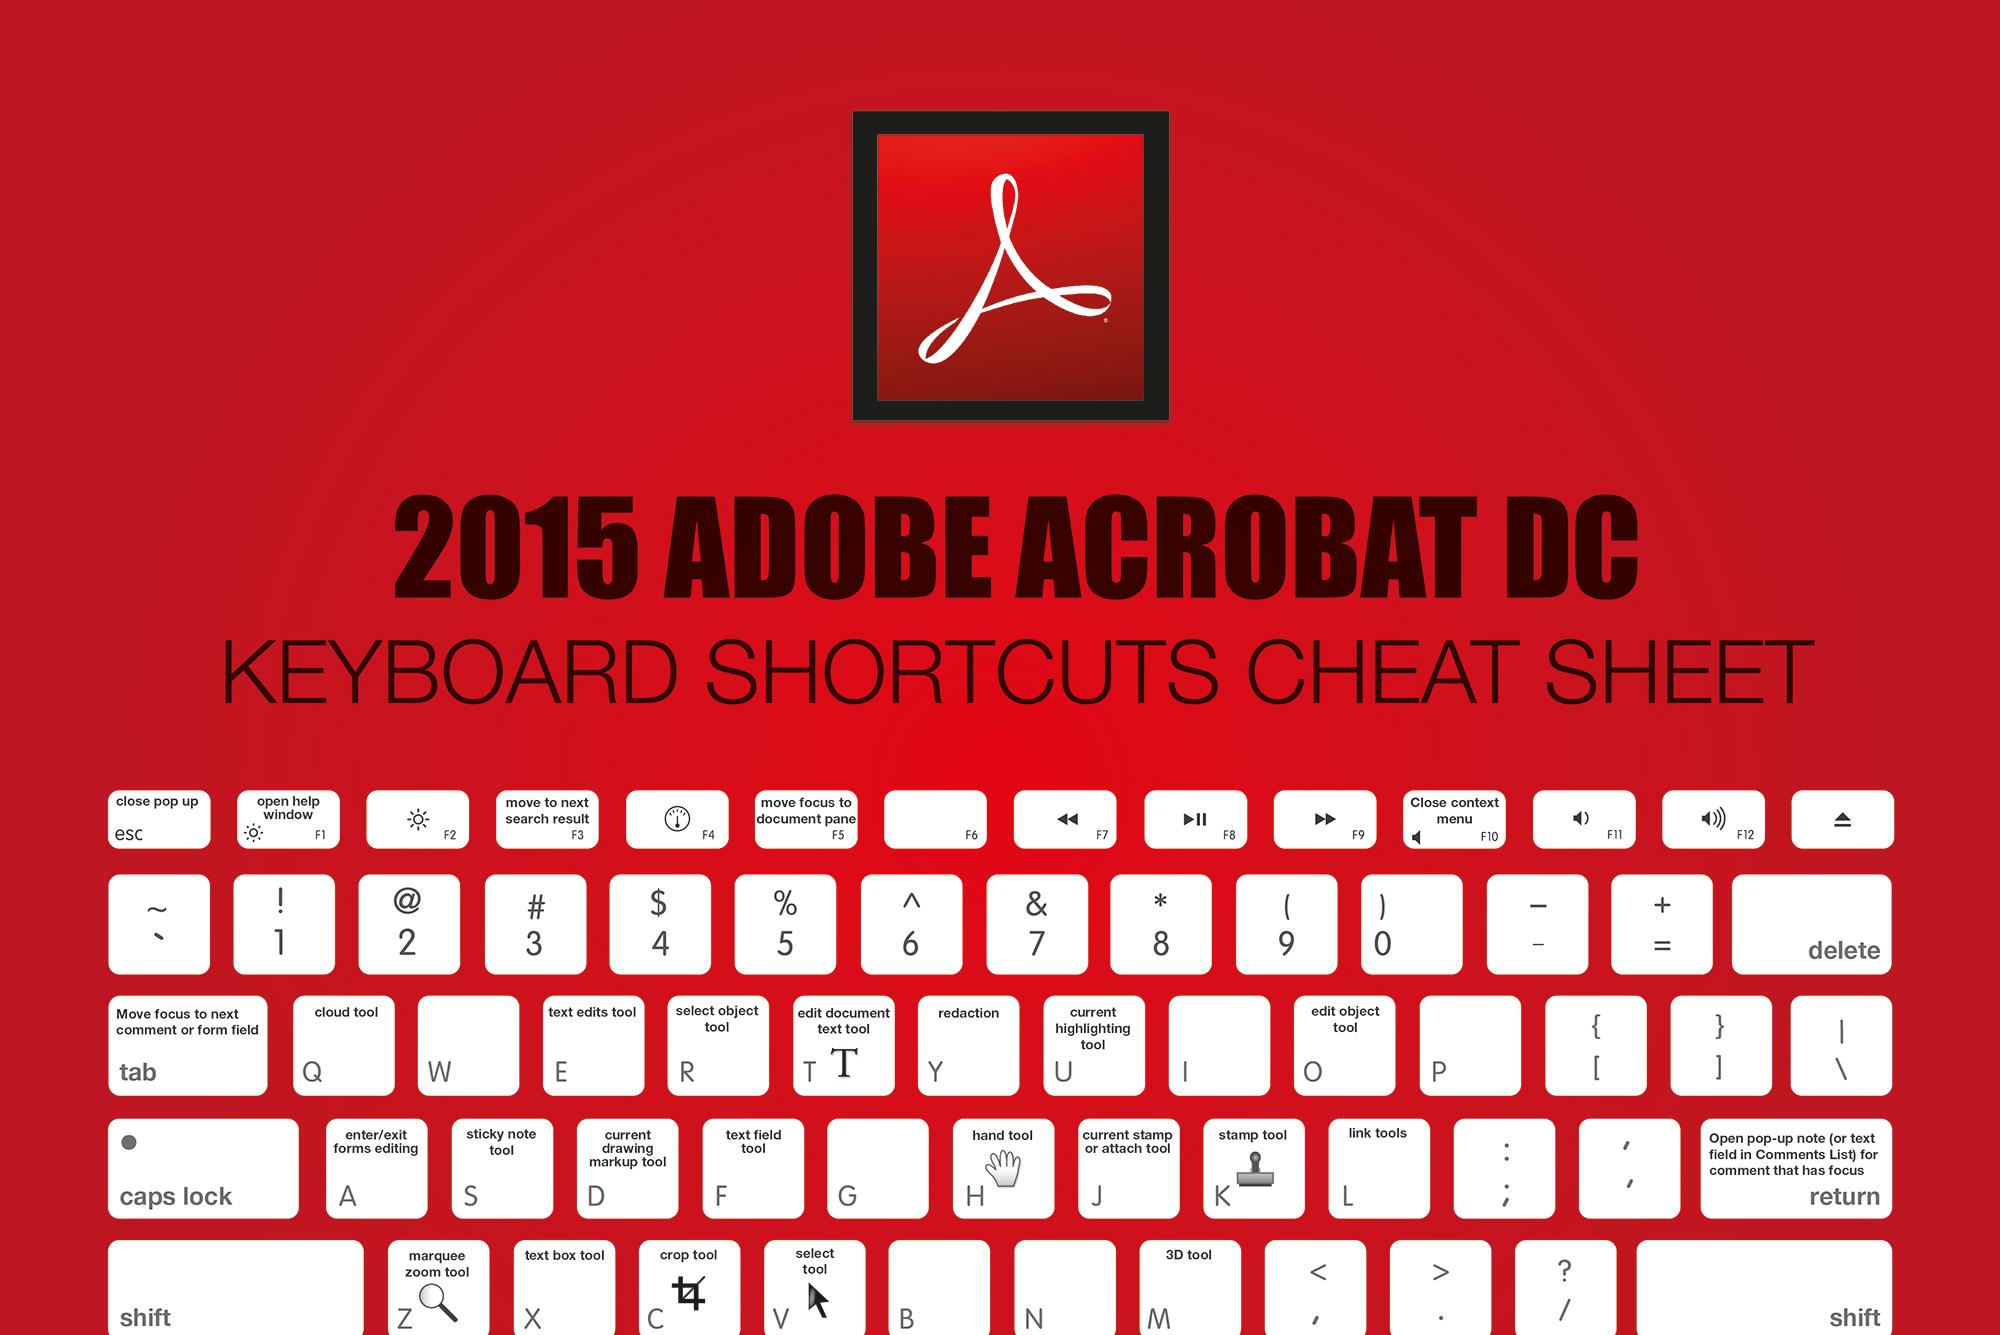 2018 Adobe Acrobat DC Keyboard Shortcuts Cheat Sheet - Make A